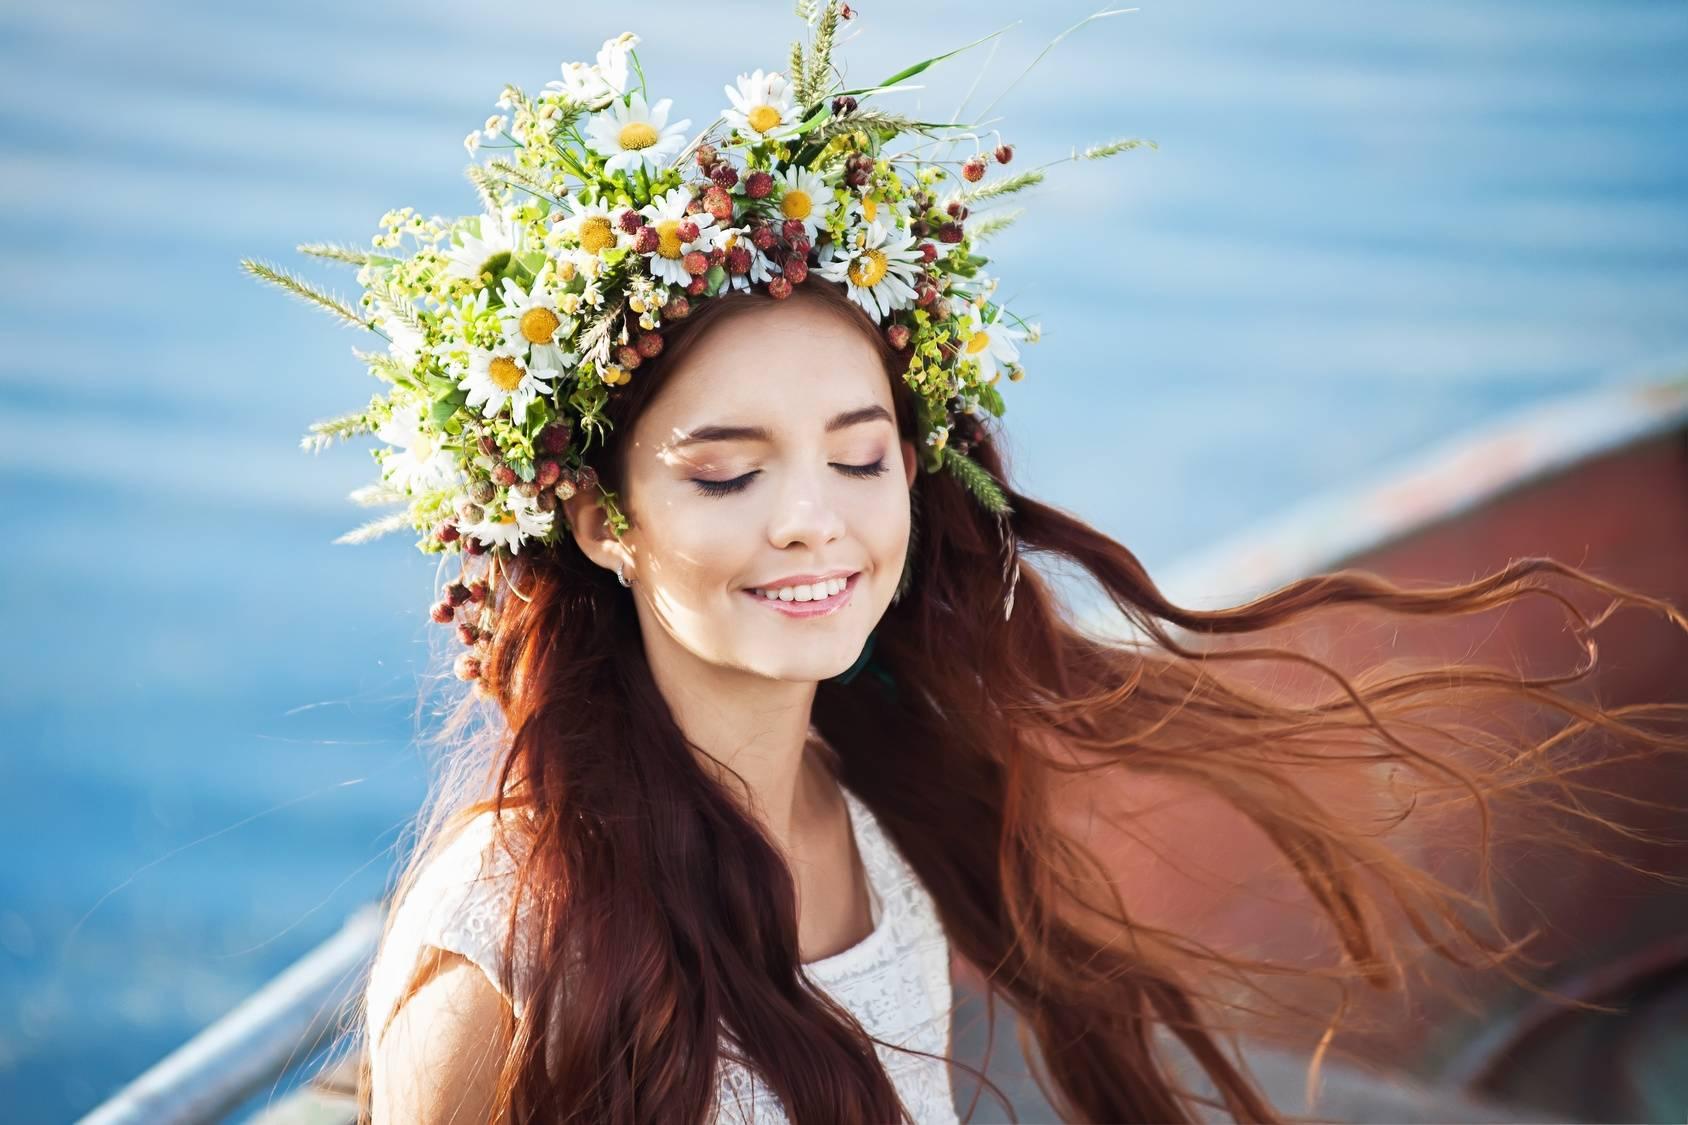 Czym jest alergia? Młoda ciemnowłosa dziewczyna w pięknym, bogato zdobionym wianku z kwiatów siedzi na łodzi i się uśmiecha.